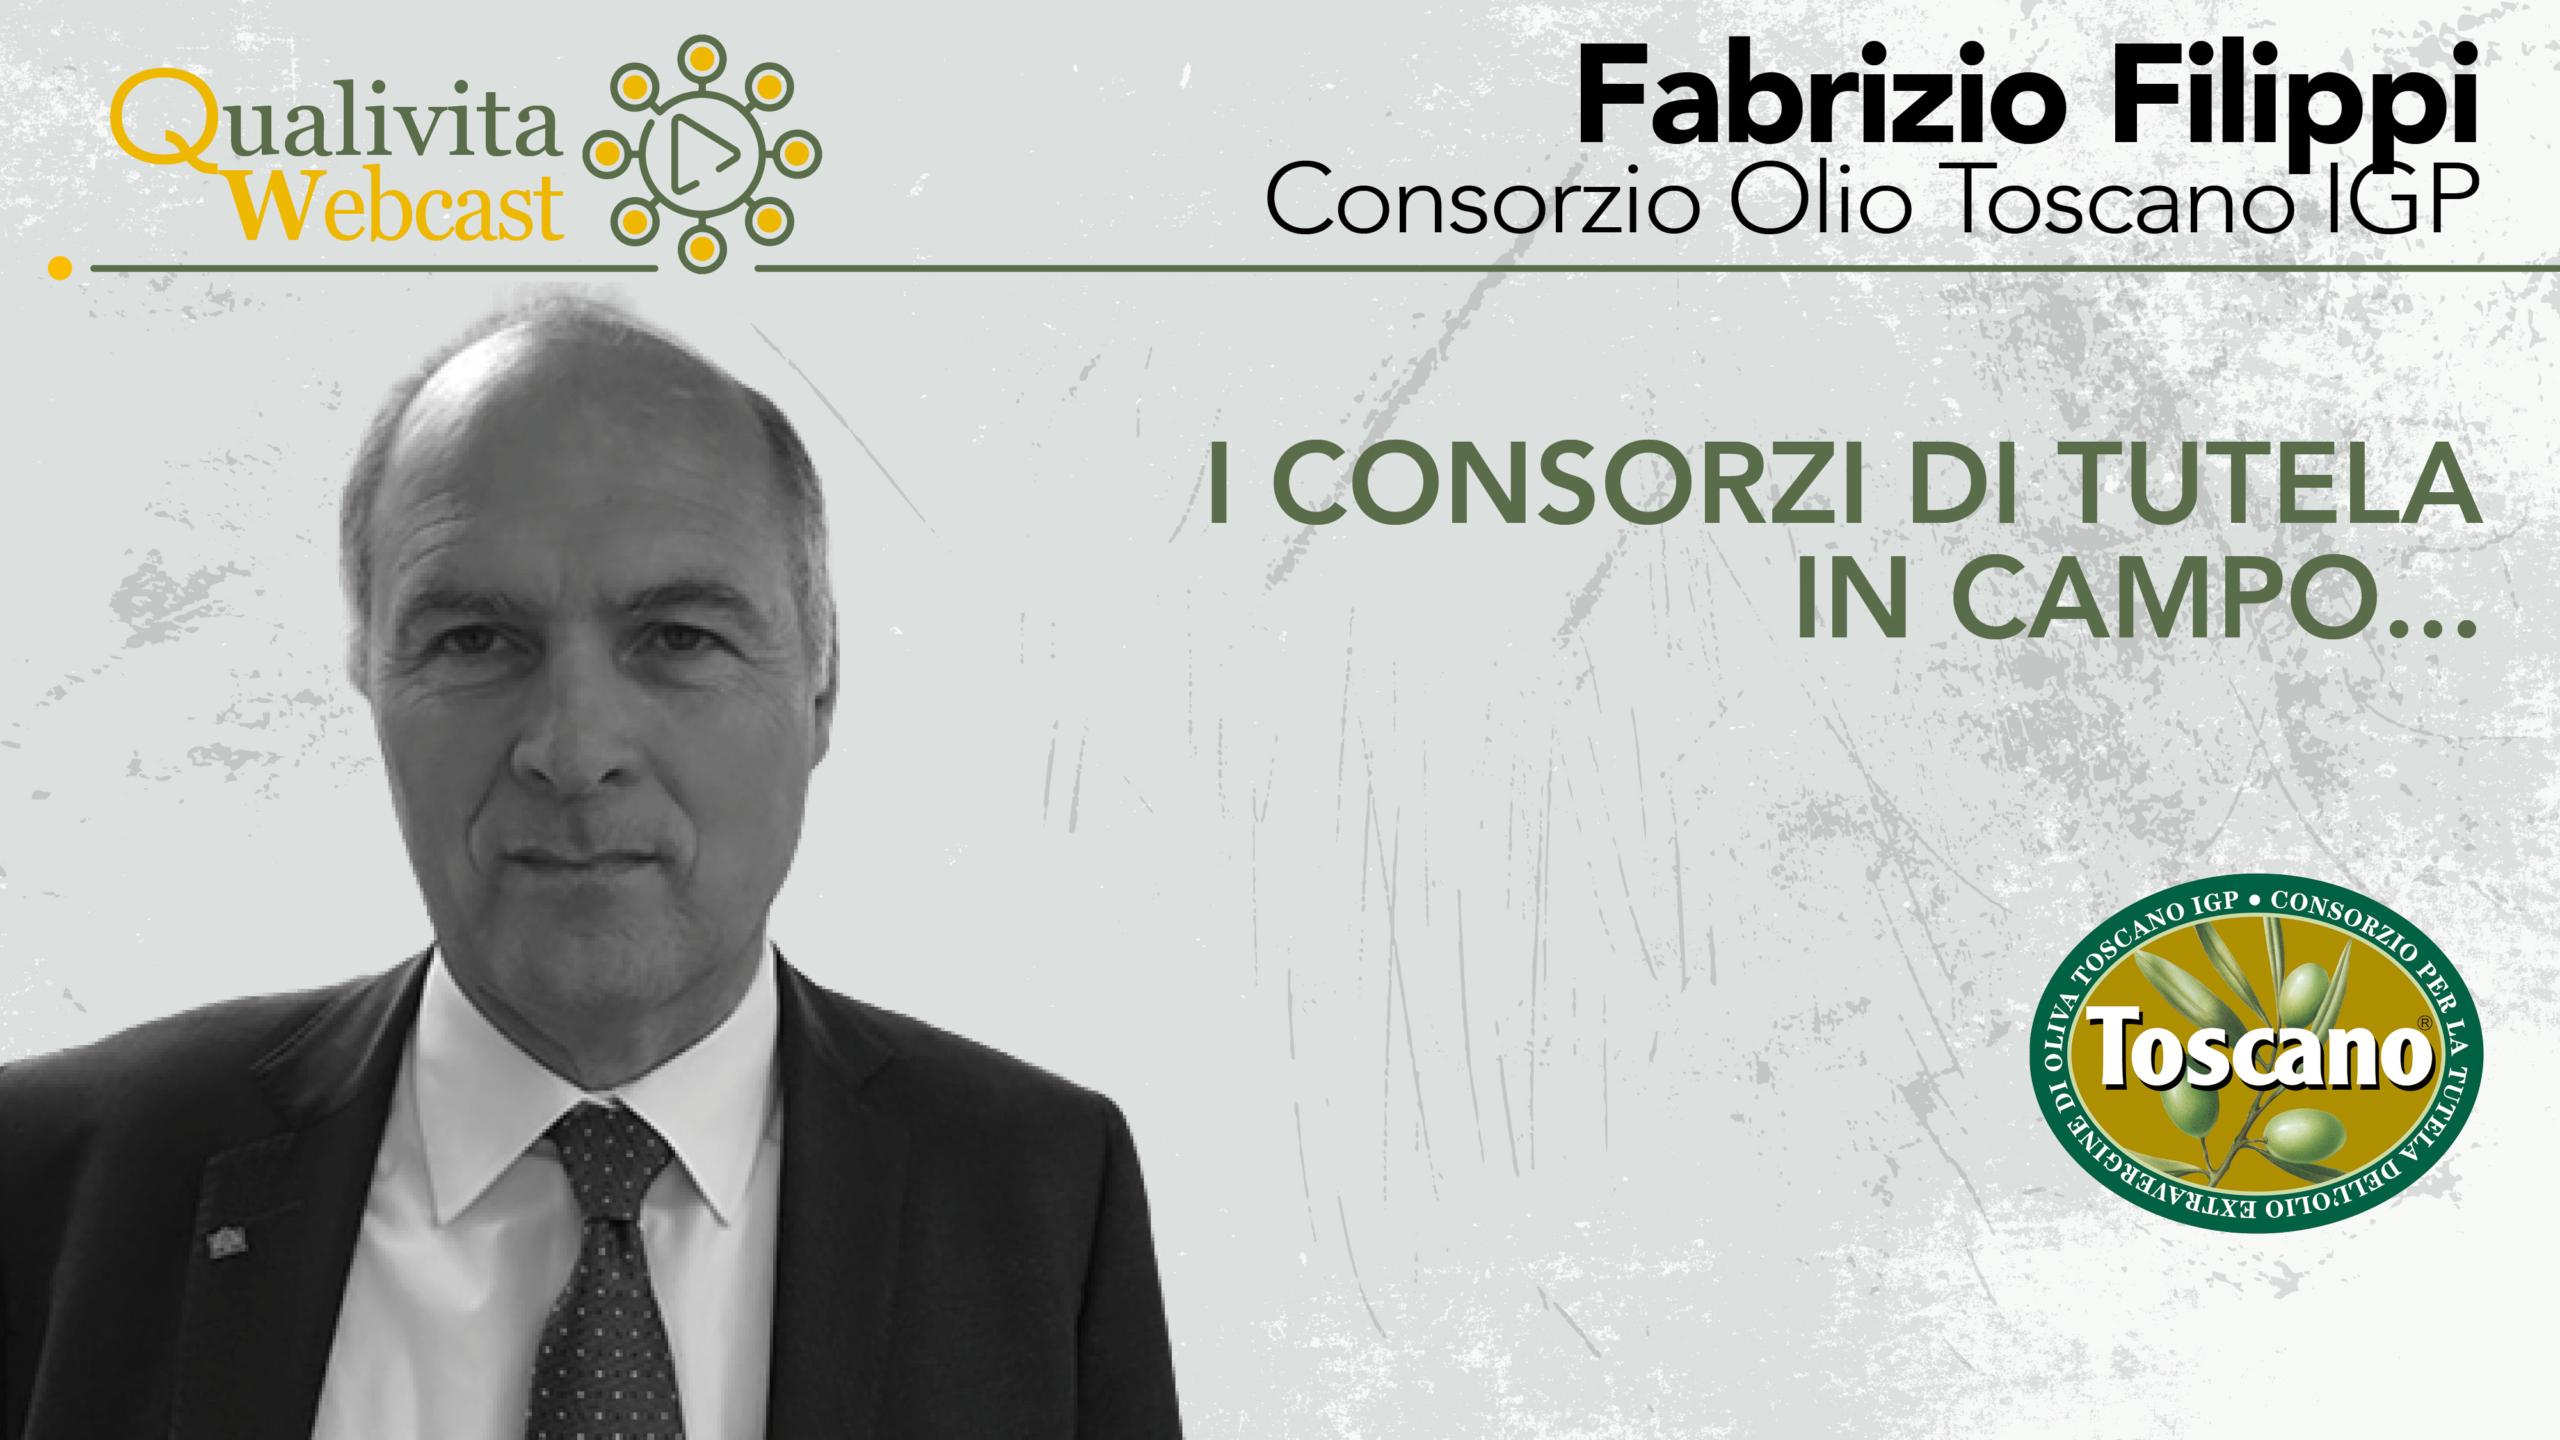 Fabrizio Filippi, Consorzio di tutela Olio Toscano IGP